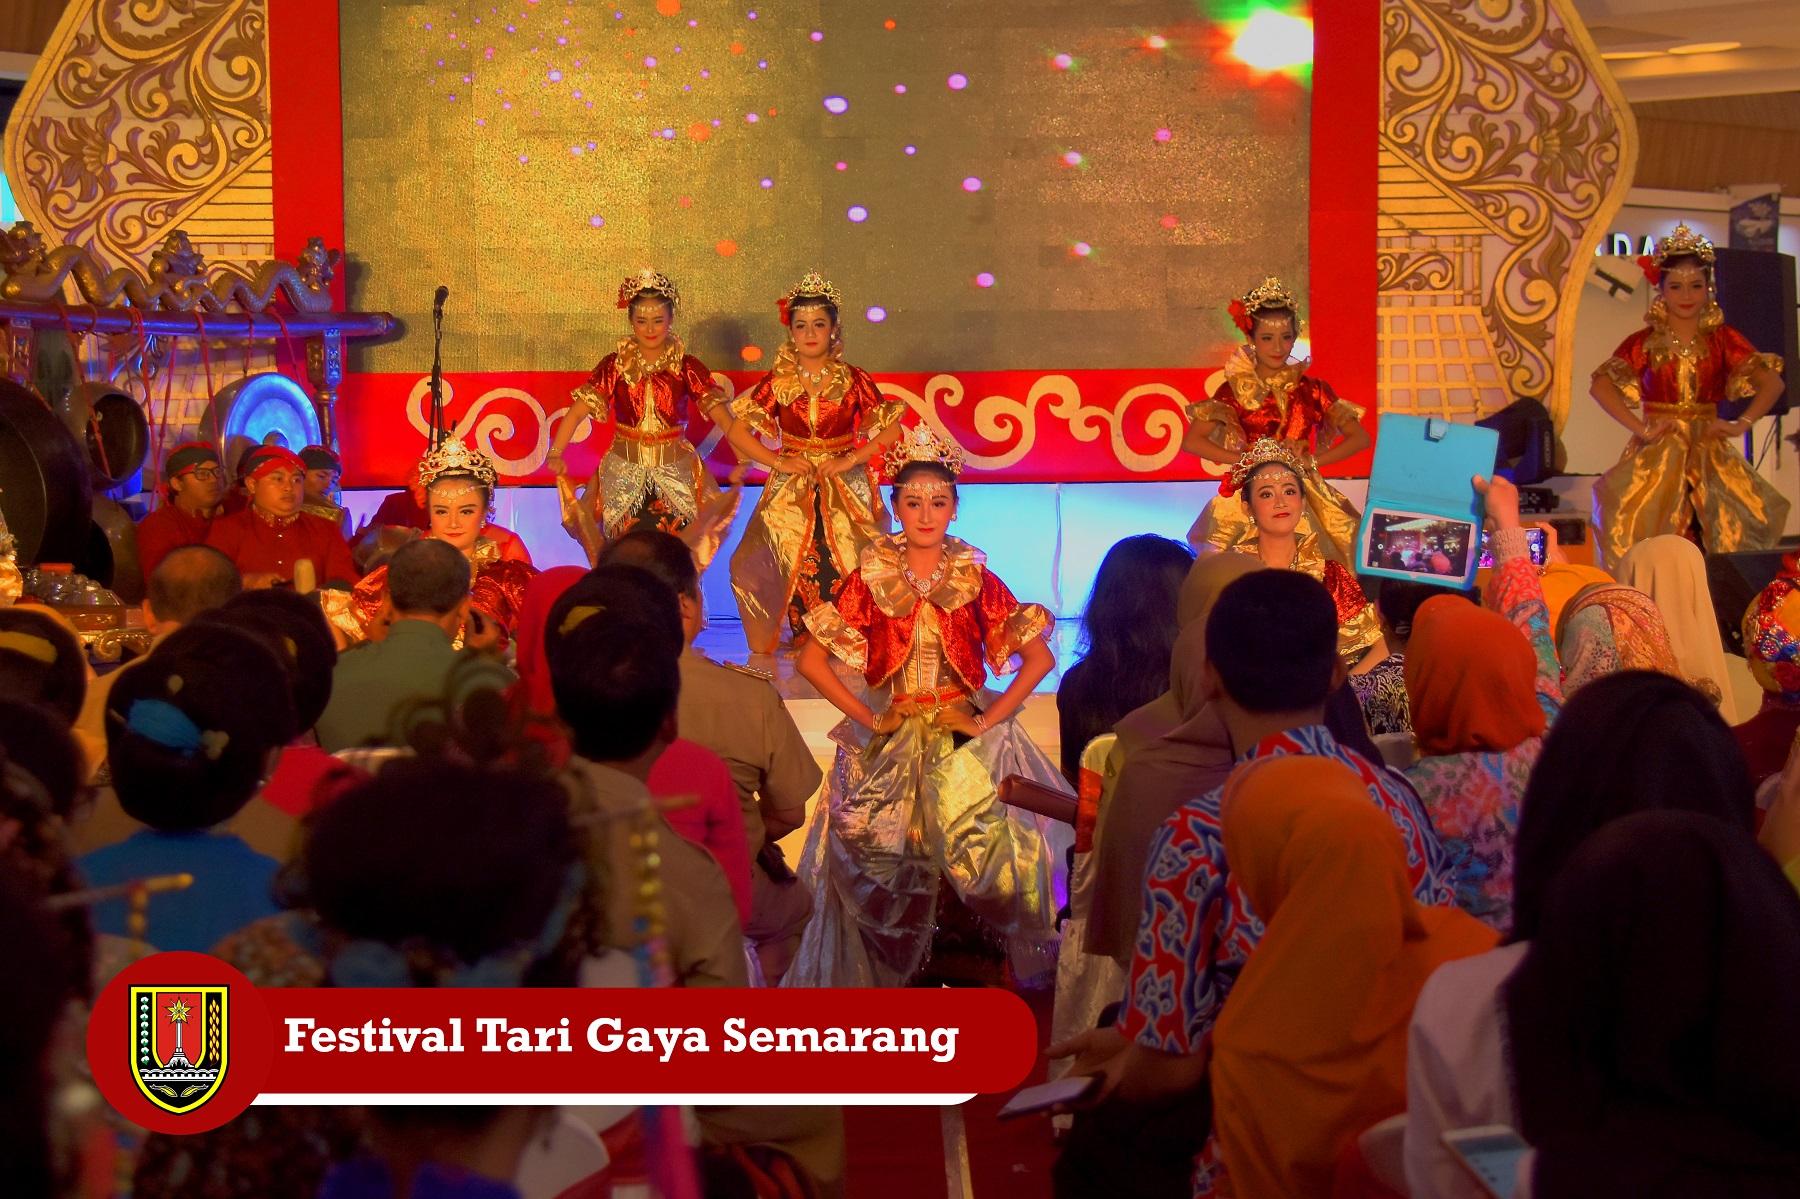 FESTIVAL TARI GAYA SEMARANG